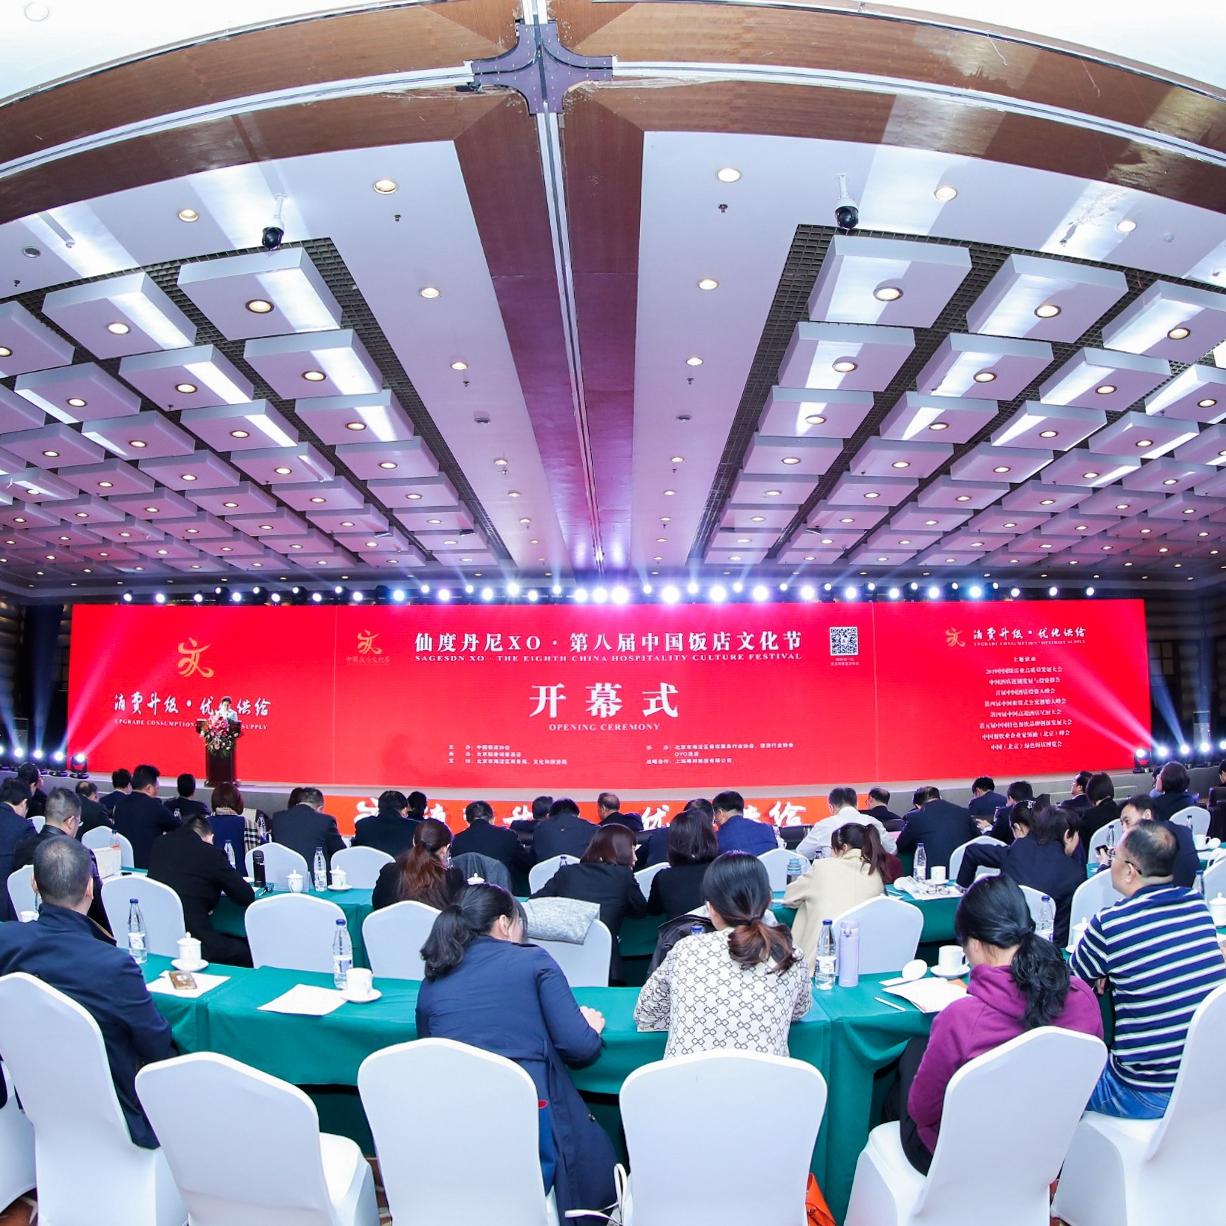 第八屆中國飯店文化節